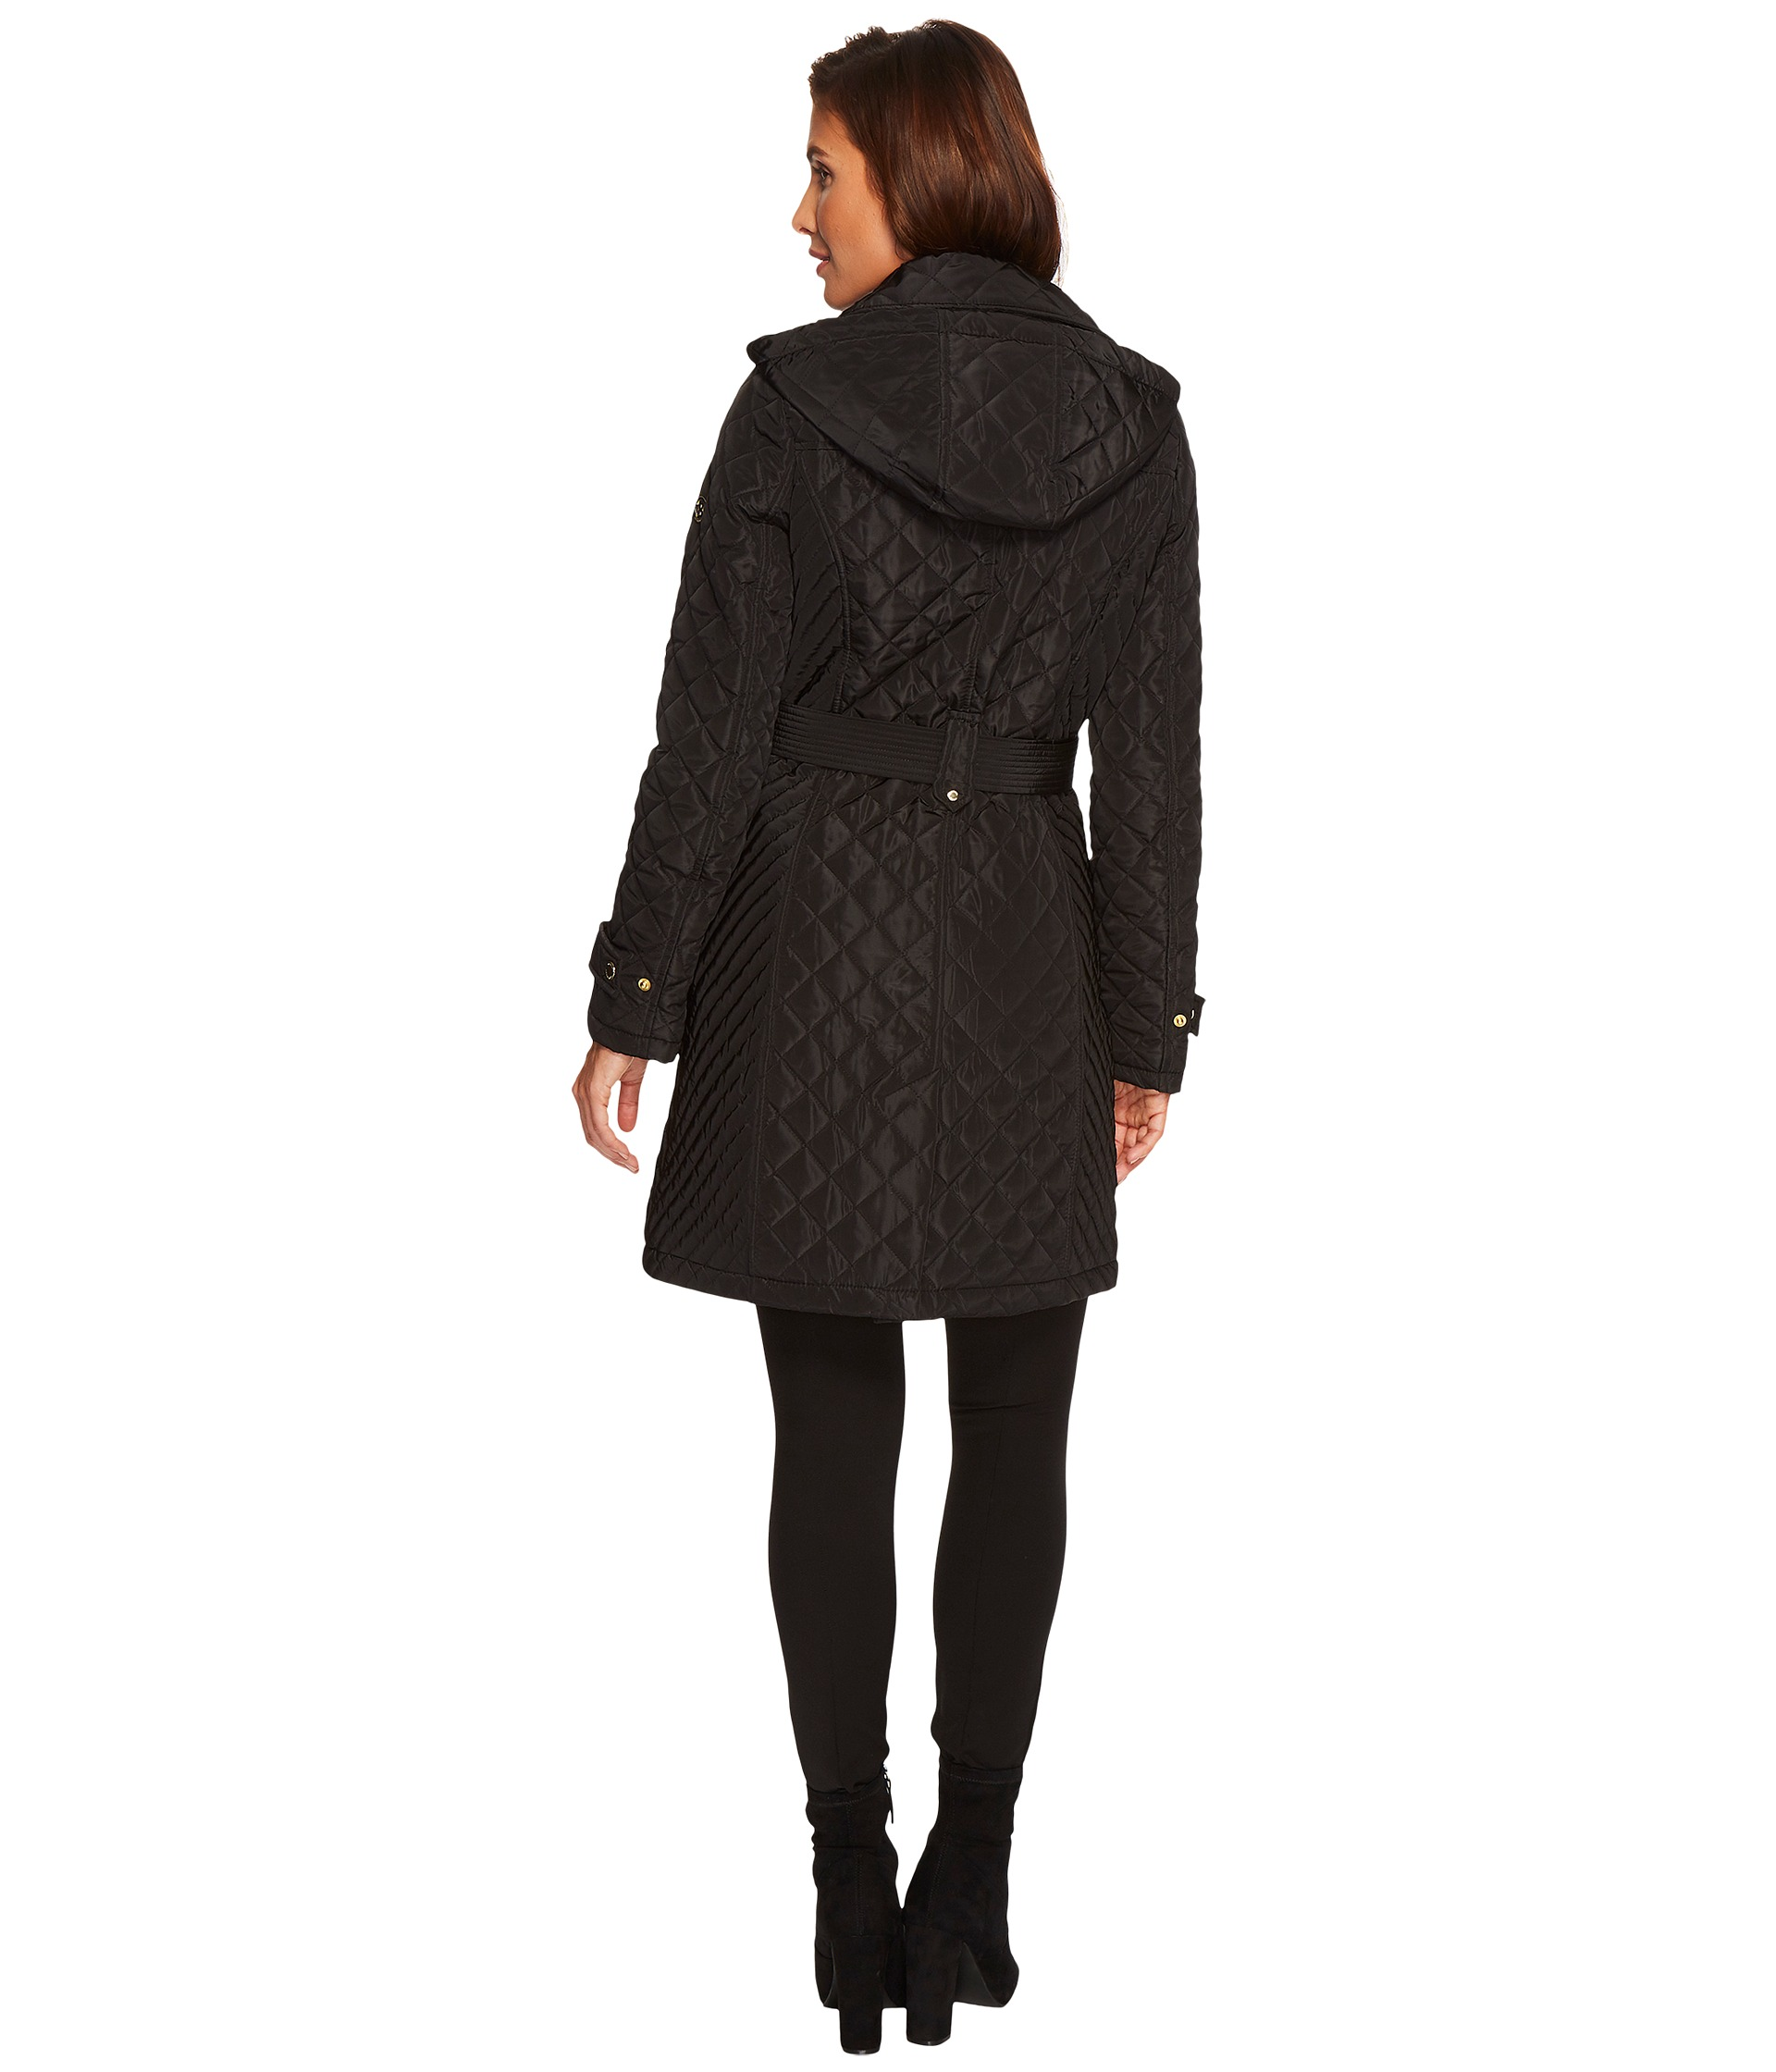 1920x2240 Michael Kors Womens Snap Quilt With Hood M423024cz Modern Cut